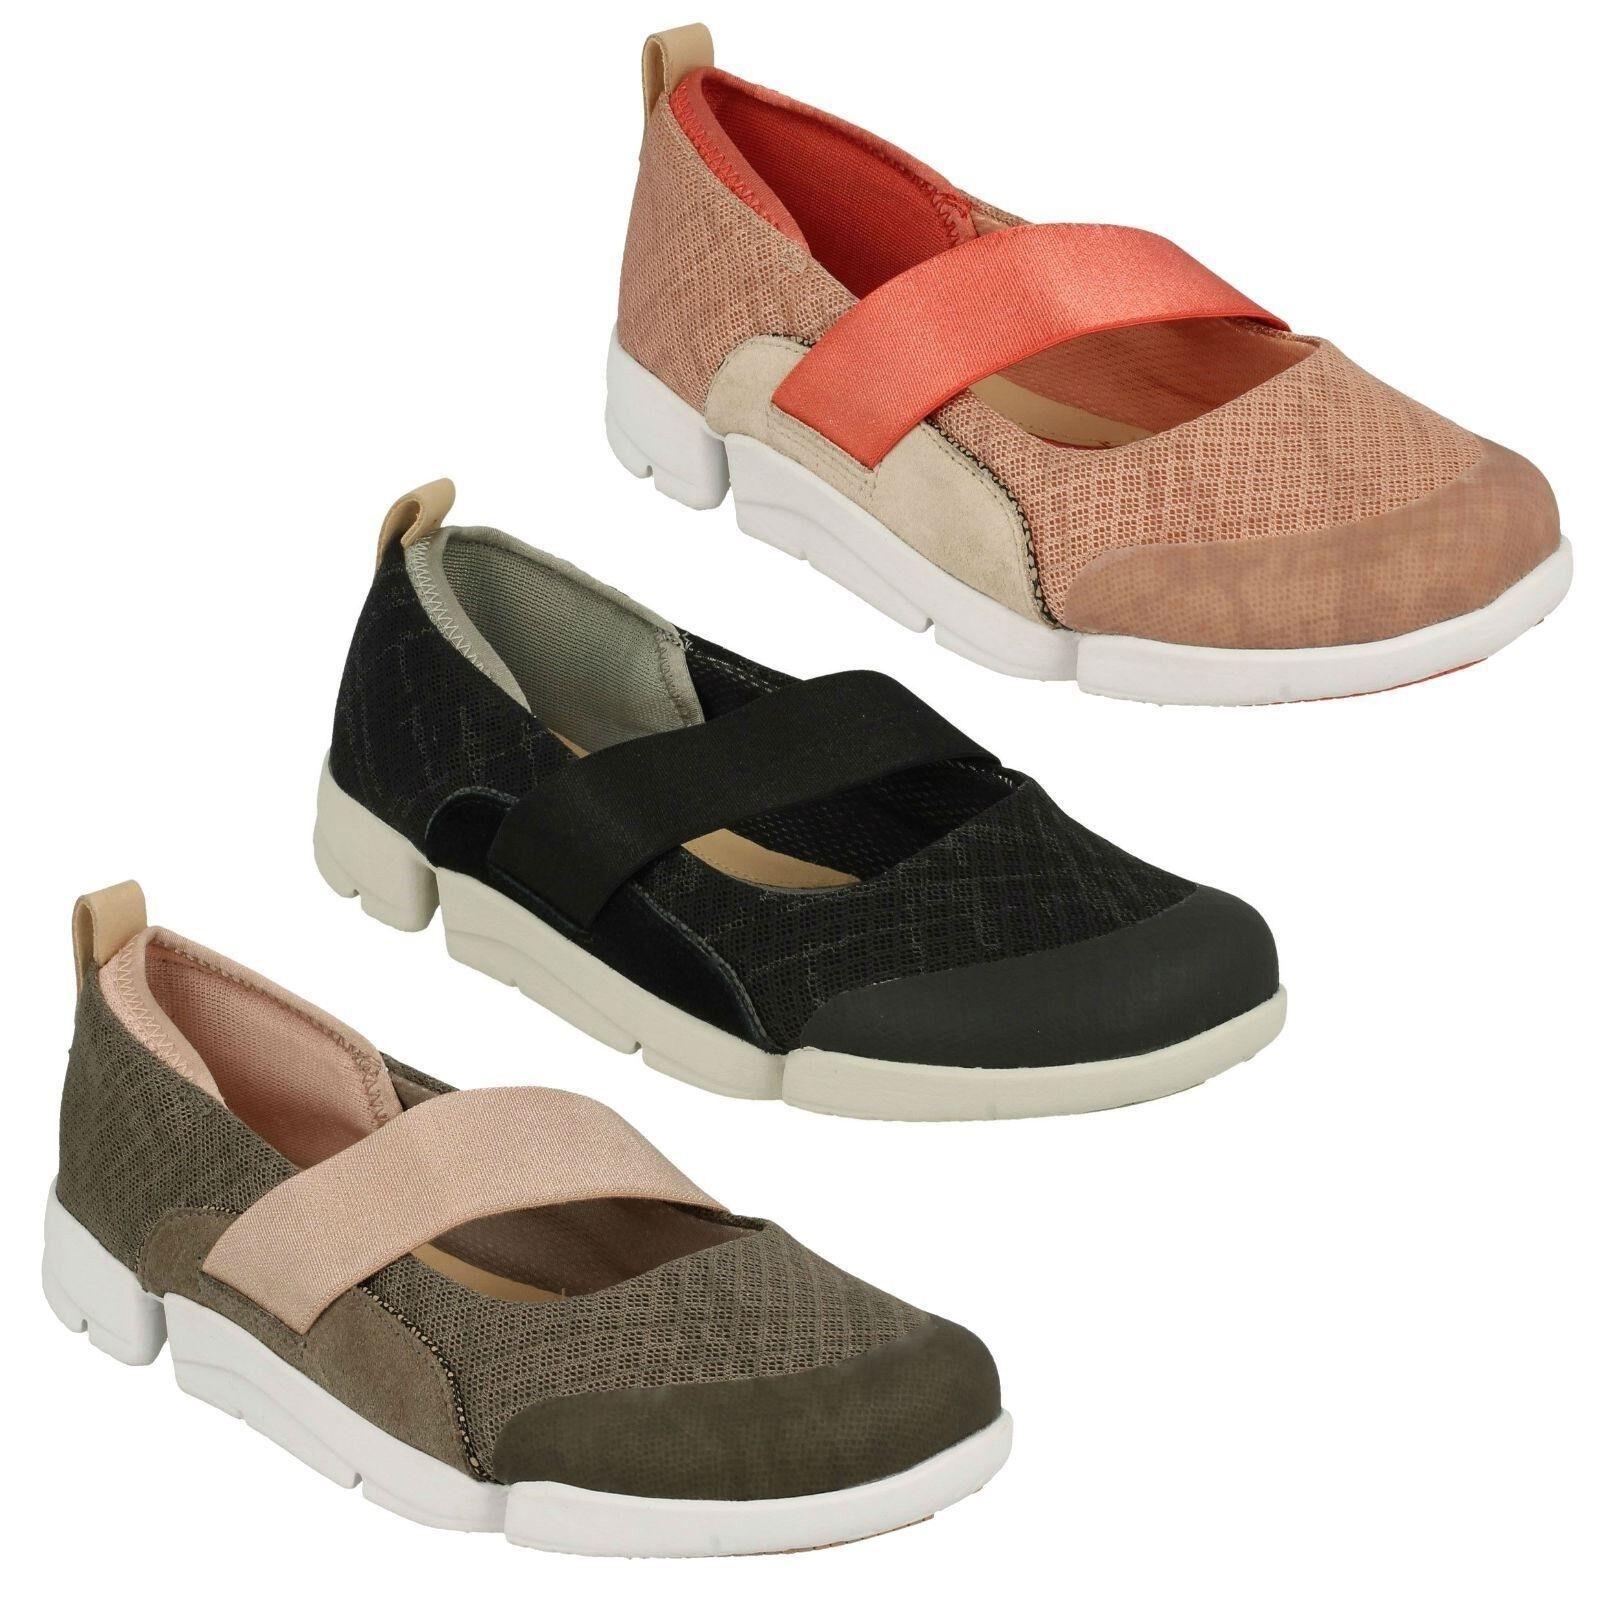 Damen Clarks Slipper Niedrige Absätze Elastisch Freizeit Sport Schuh Größe Pumps